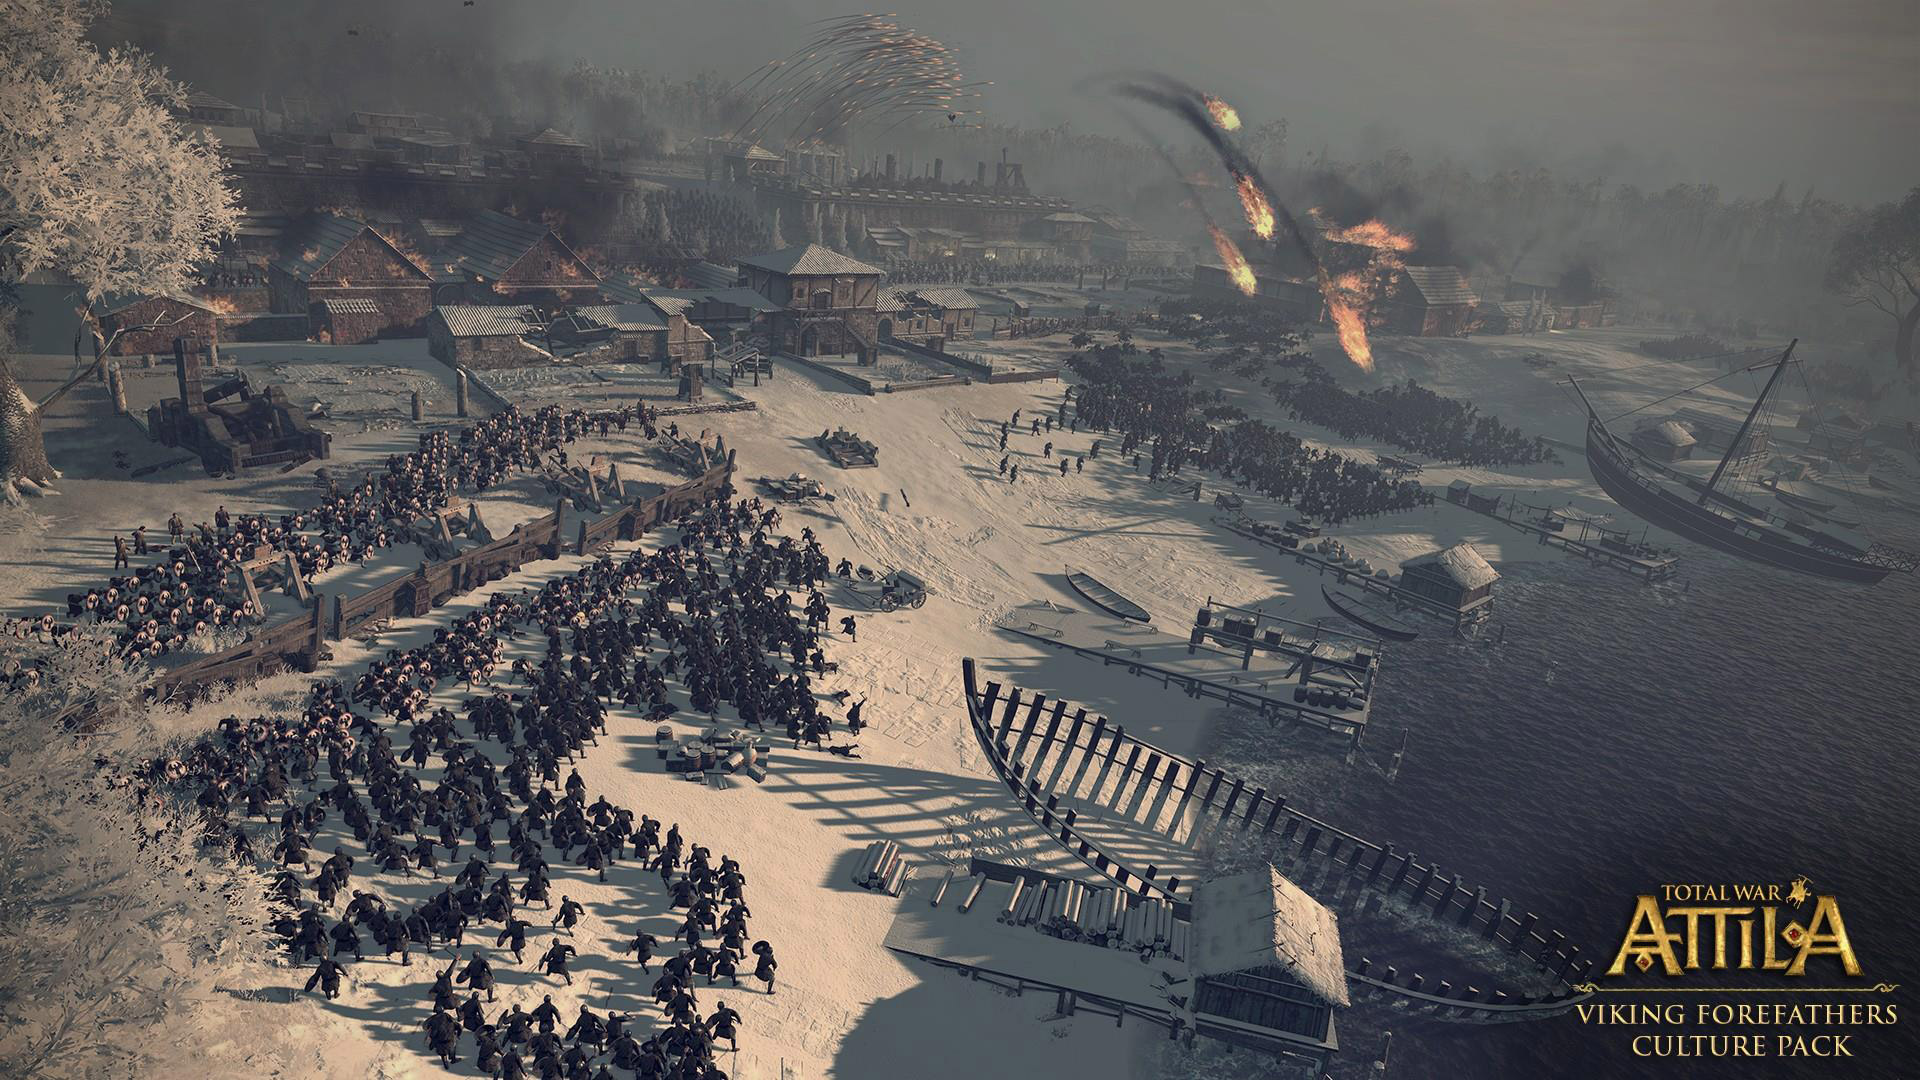 Free Total War: Attila Wallpaper in 1920x1080